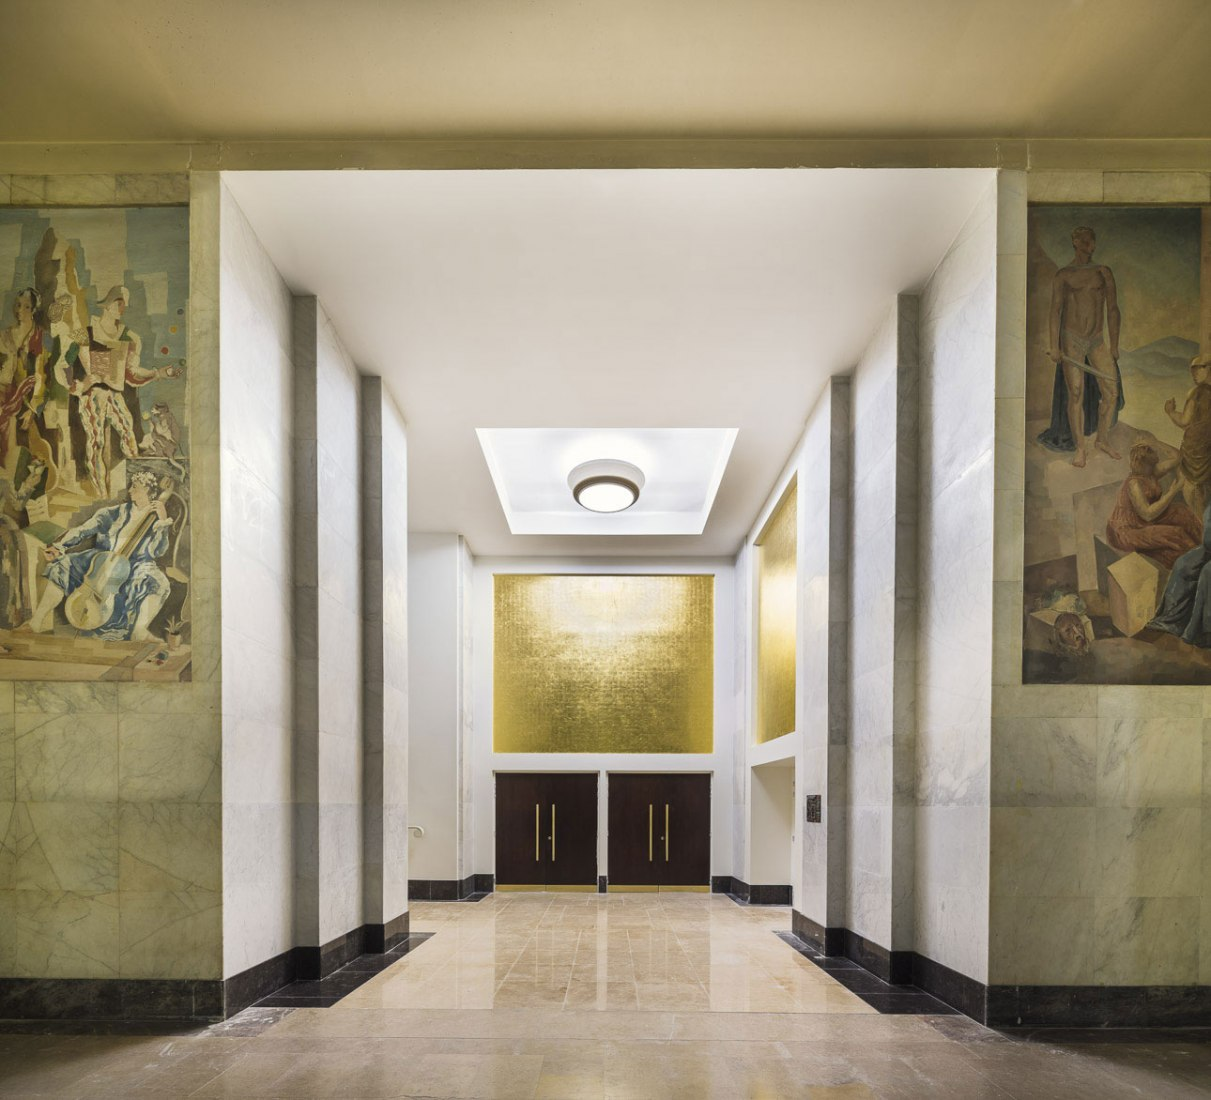 Rehabilitación del Théâtre National de Chaillot por Brossy & Associates. Fotografía © Sergio Grazia